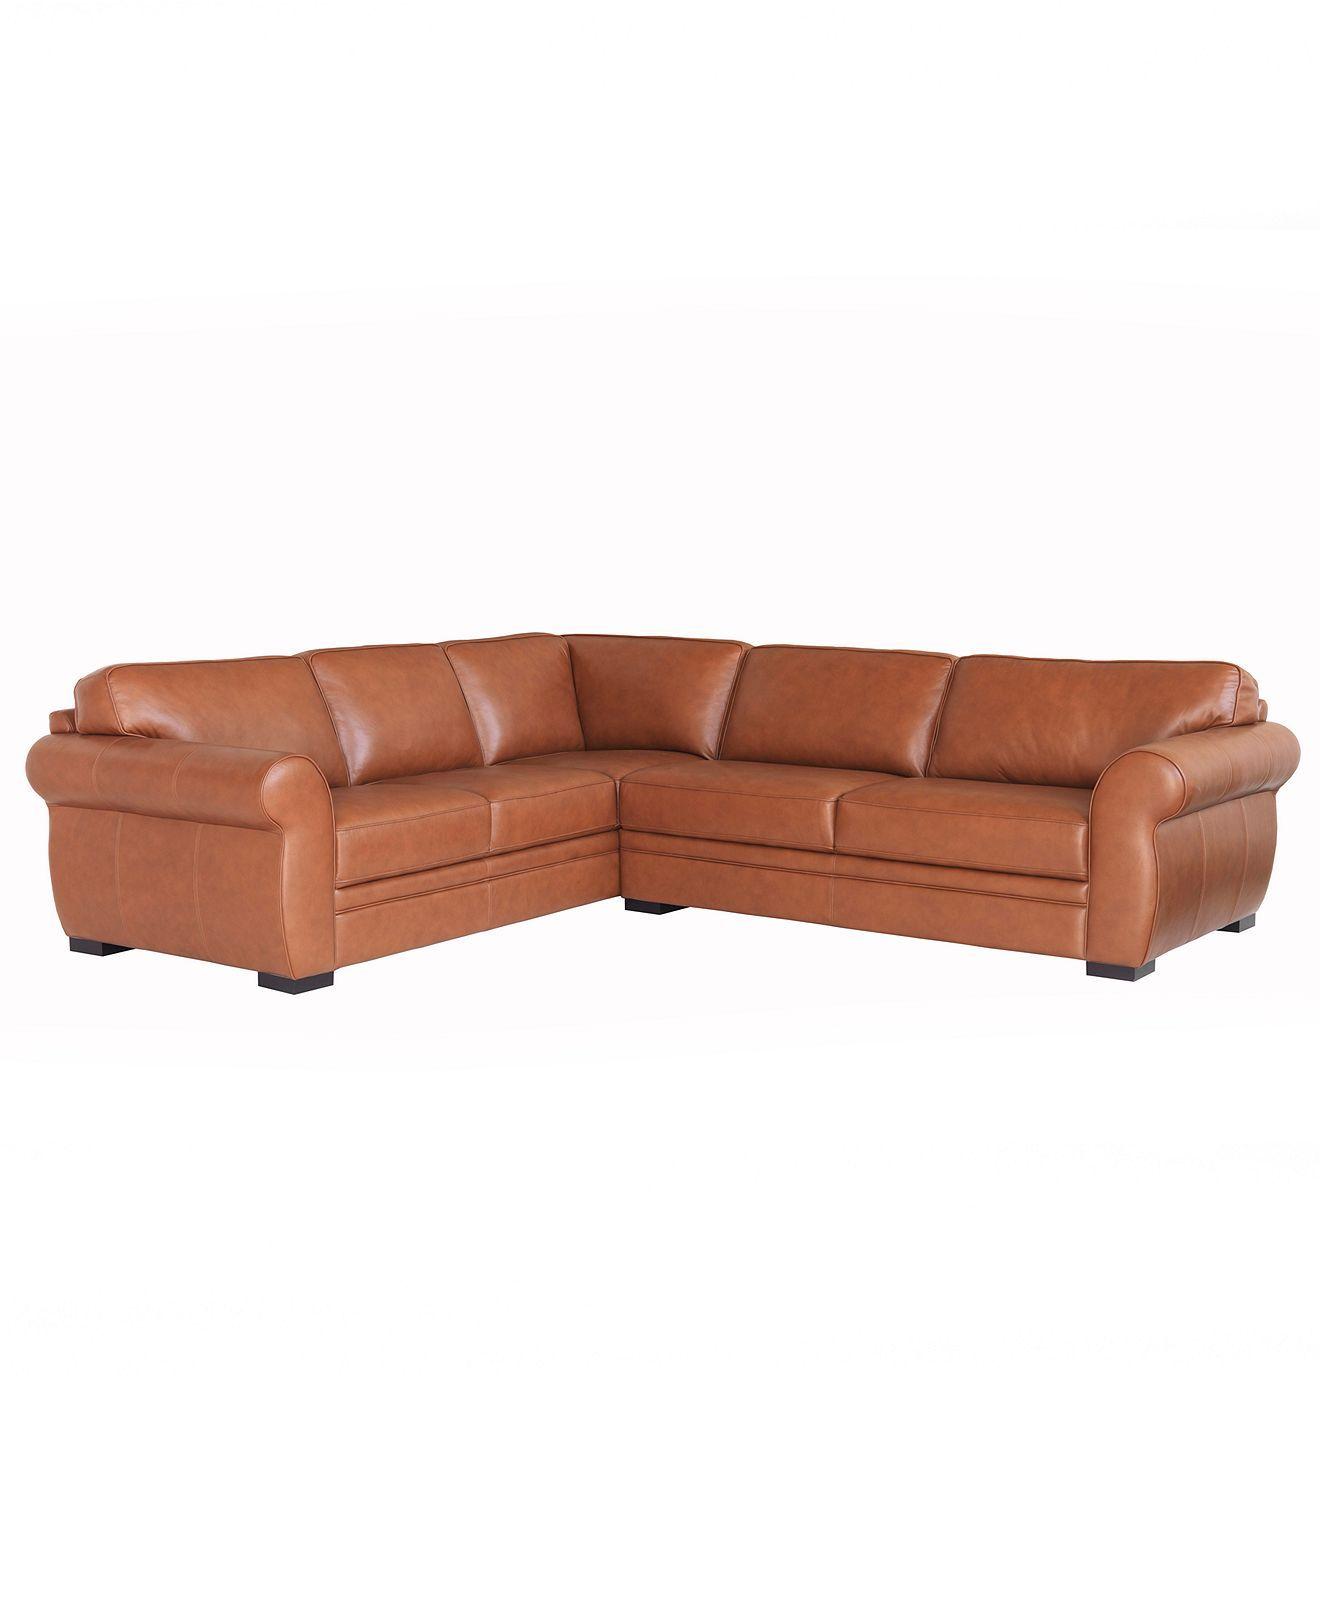 Carmine Leather Sectional Sofa 2 Piece Sofa And Apartment Sofa